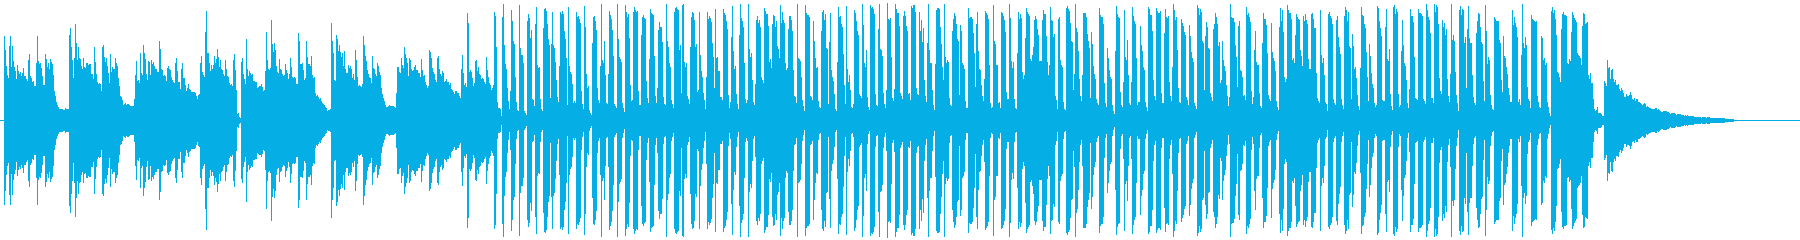 のんびり・まったりとしたBGM・ショートの再生済みの波形